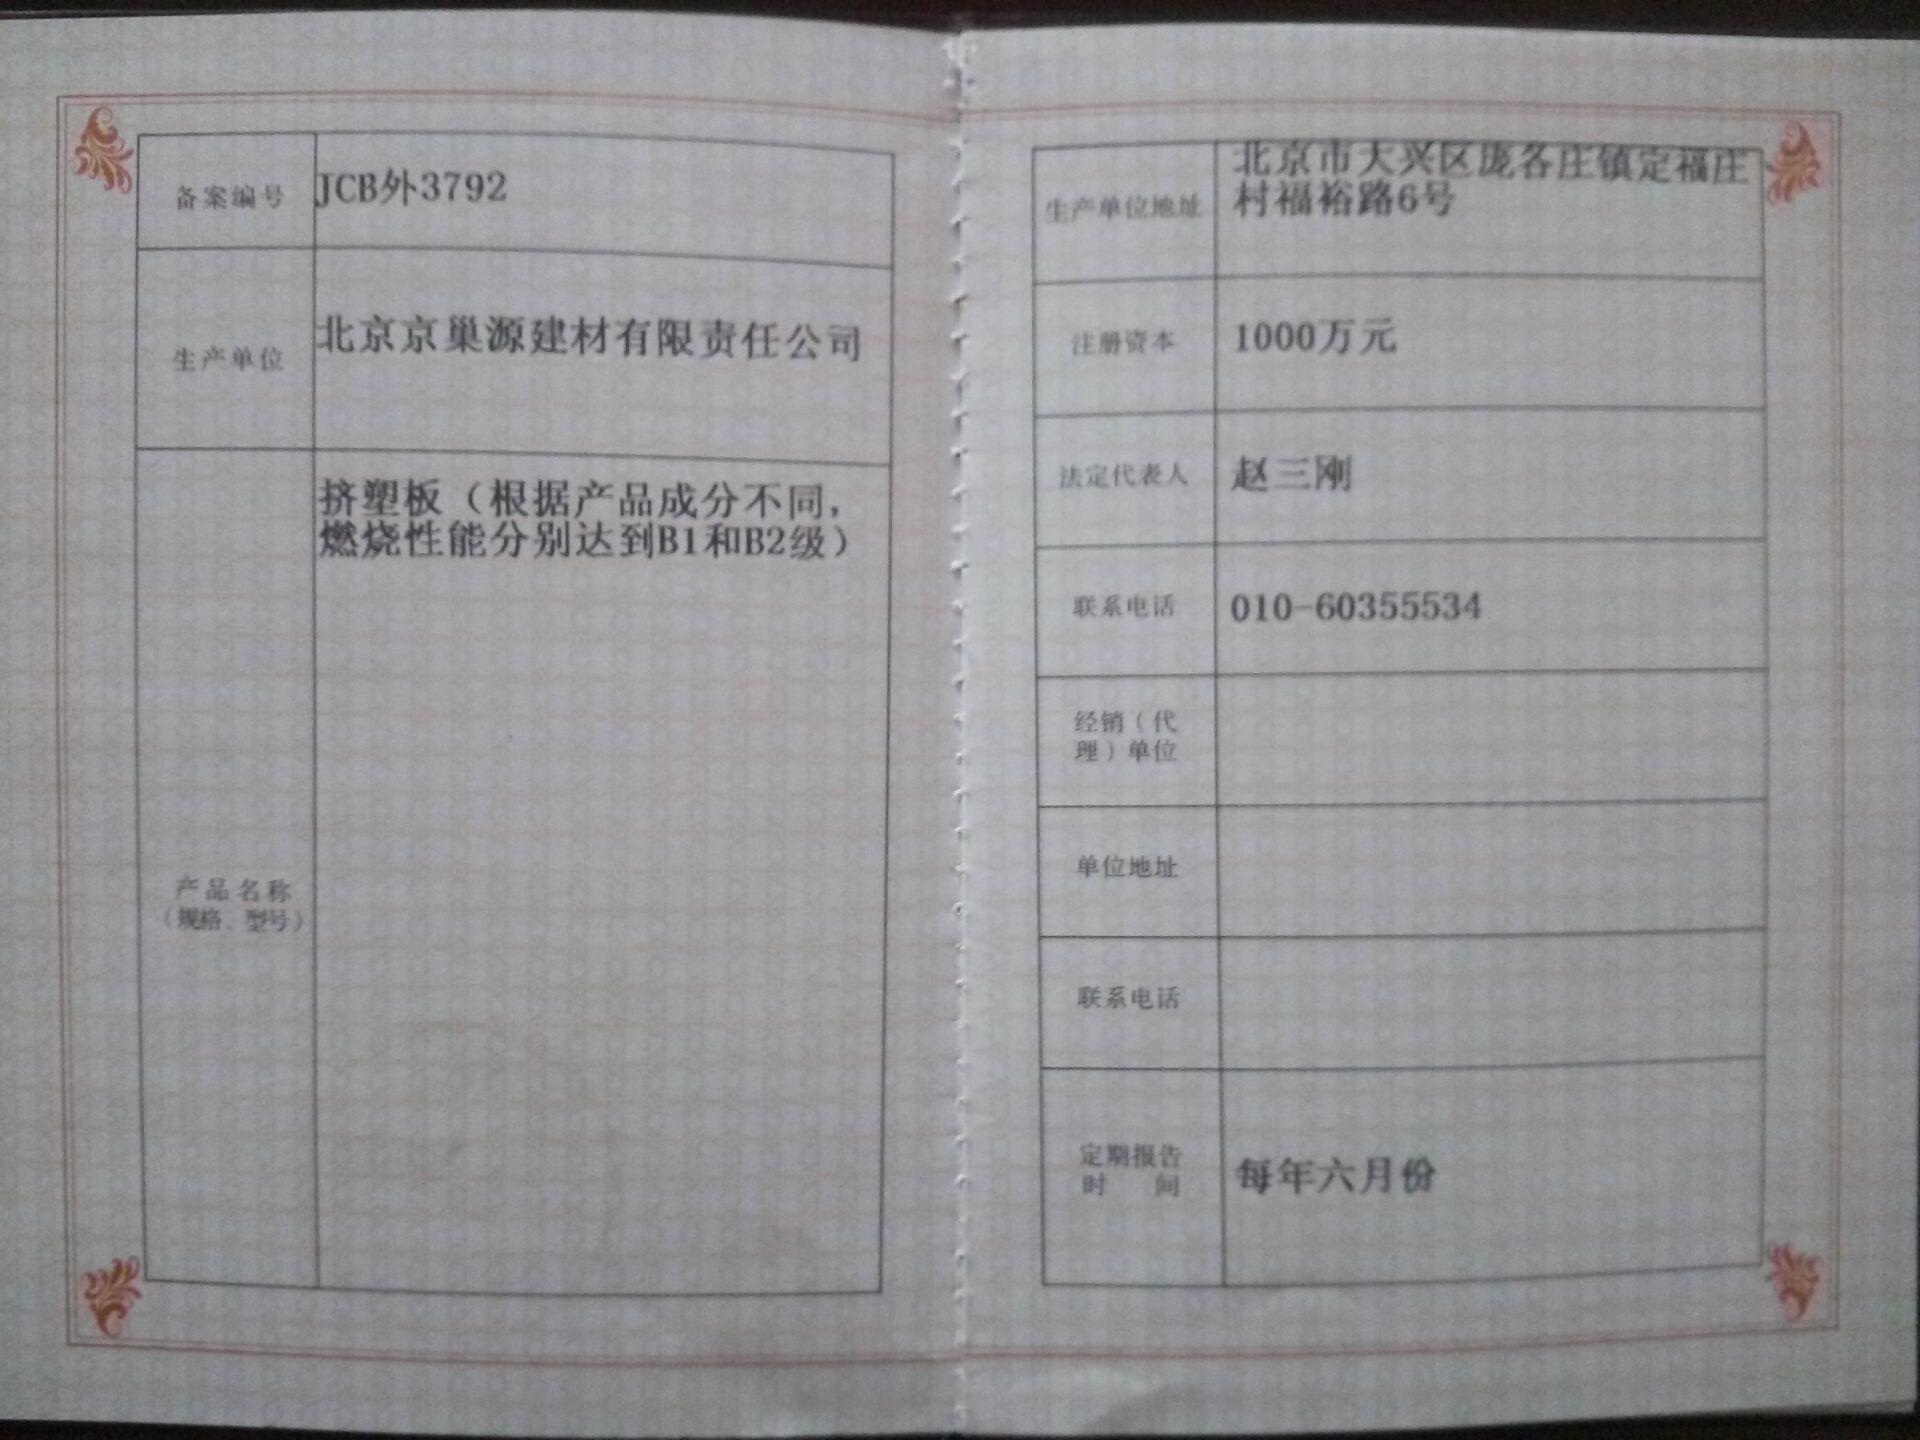 企业备案证书